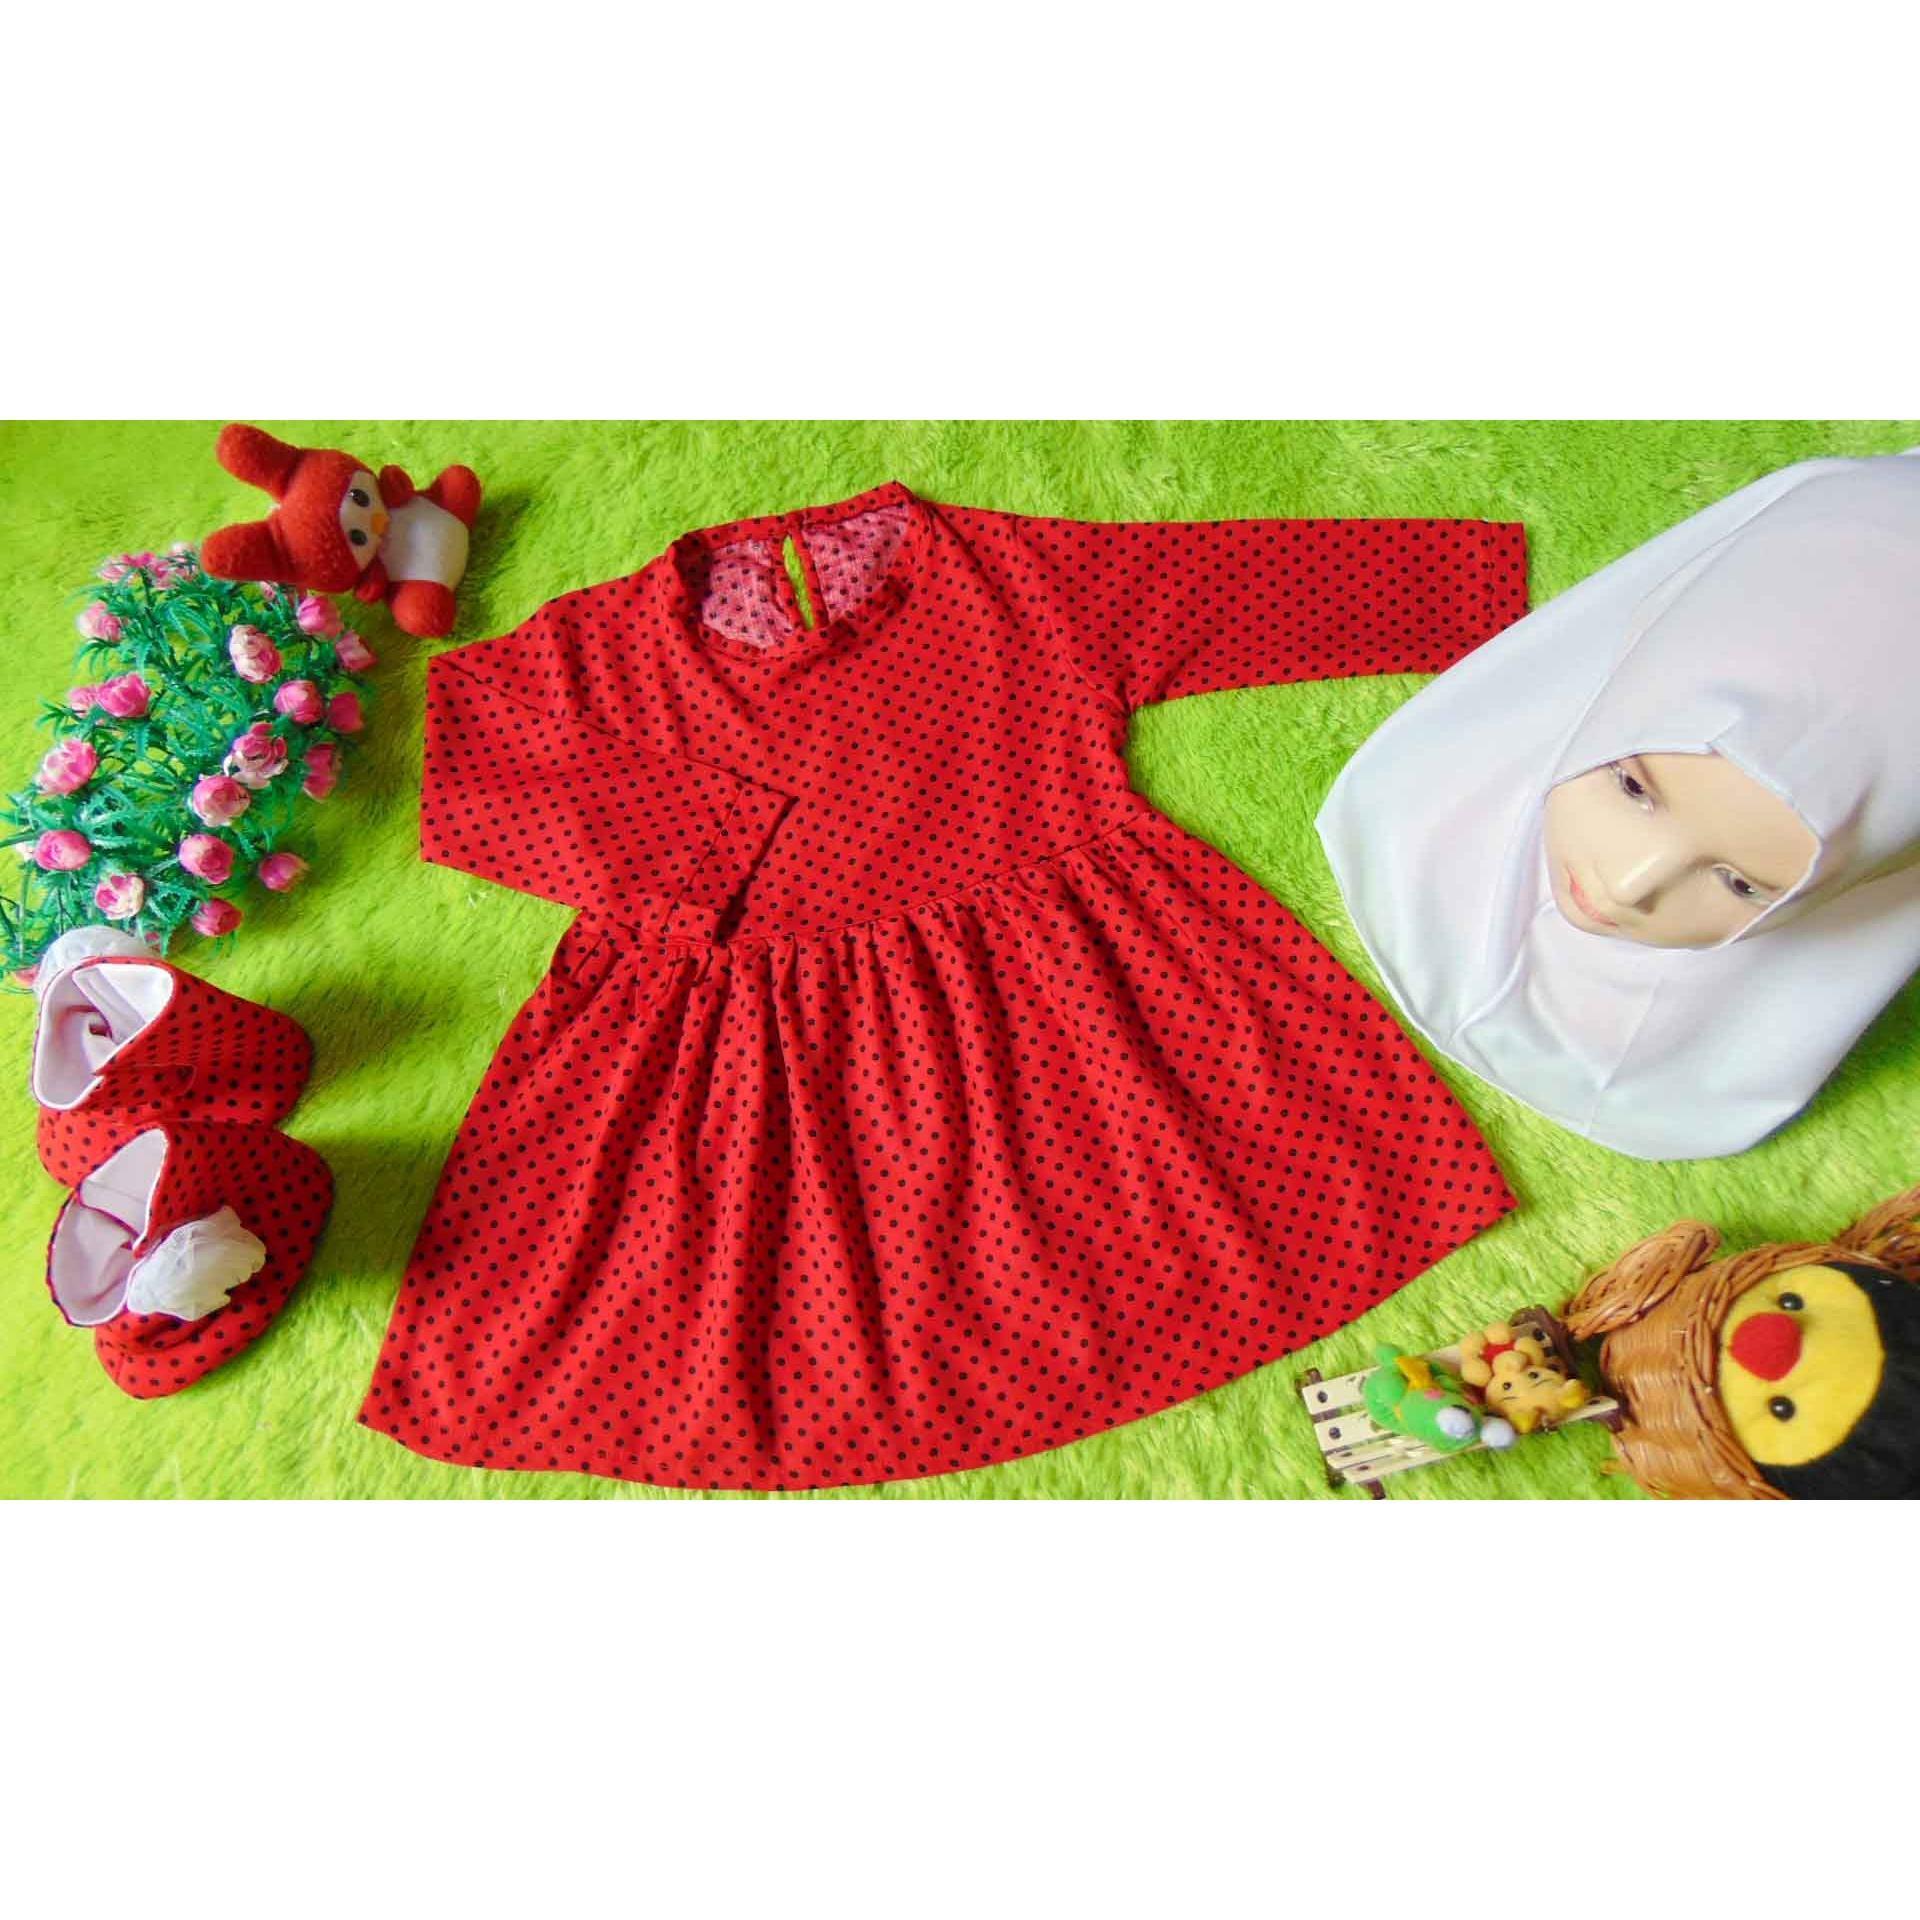 EKSKLUSIF Paket Gamis Bayi plus Jilbab dan Sepatu Boots Bayi Polka Merah Hitam Cantik 0-12 bulan